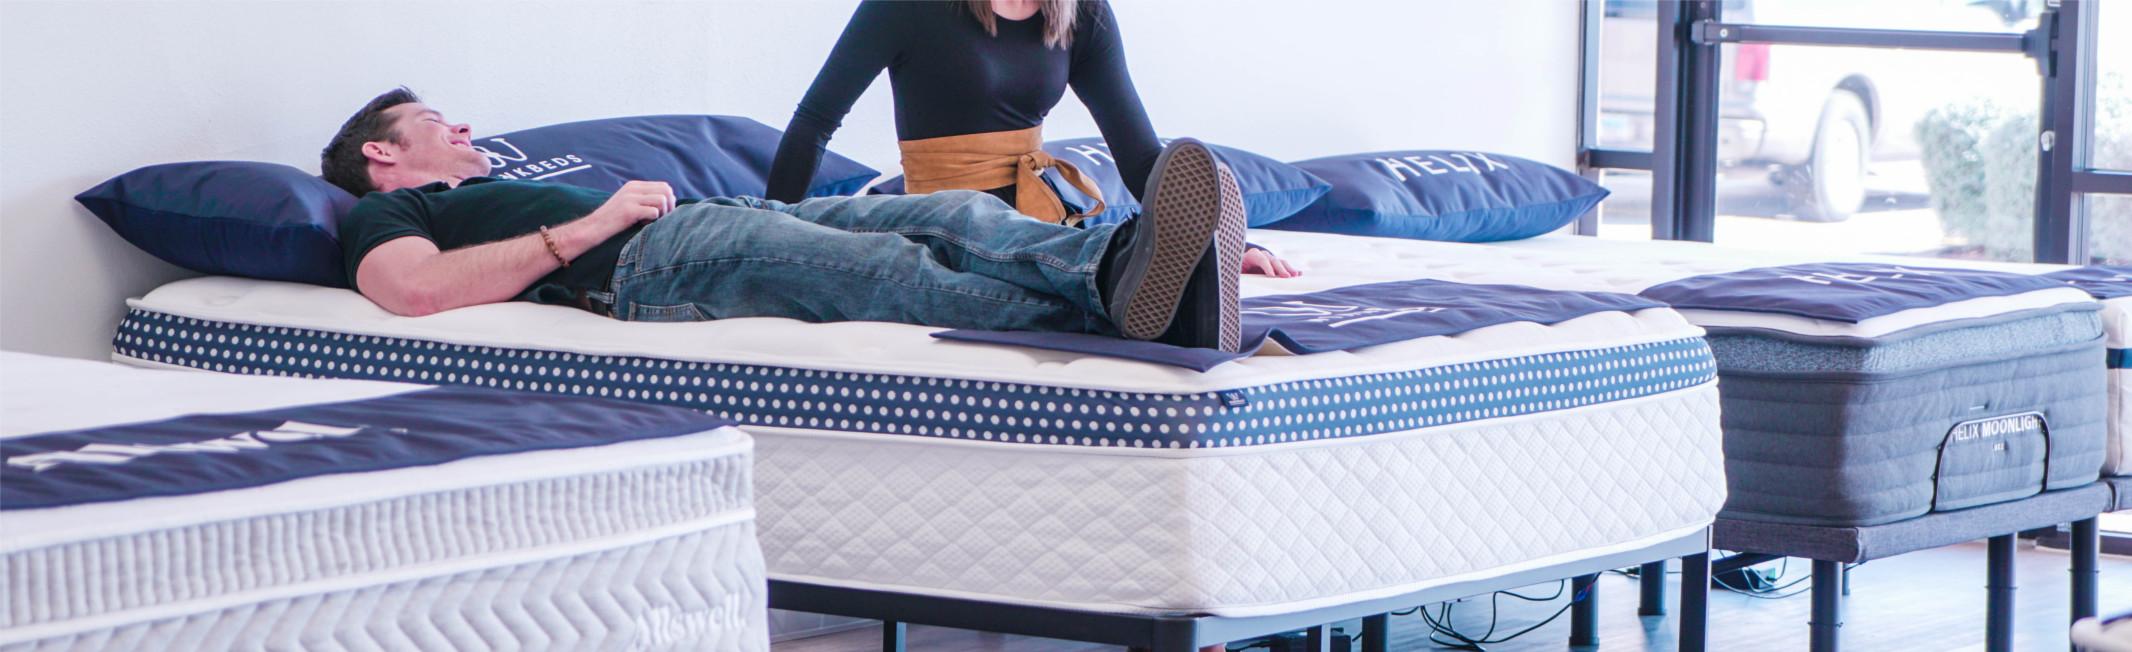 winkbeds mattress austin texas